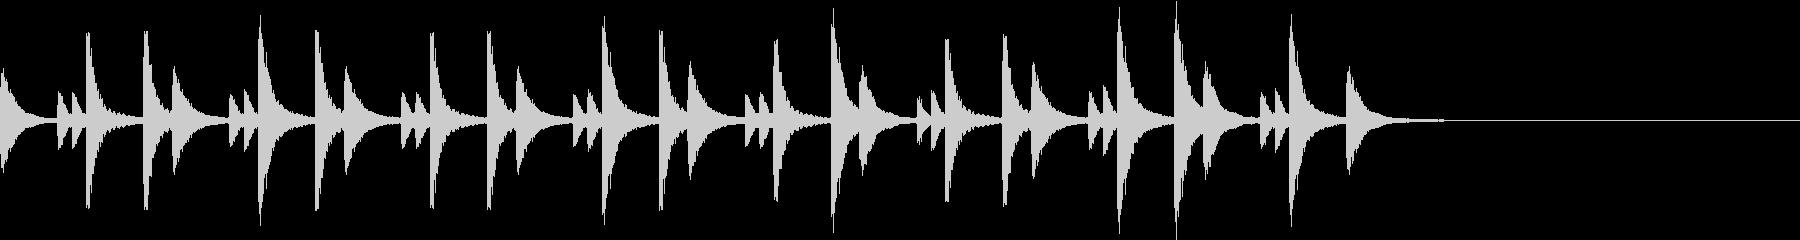 お囃子や祭りの軽快なコンチキのフレーズ音の未再生の波形